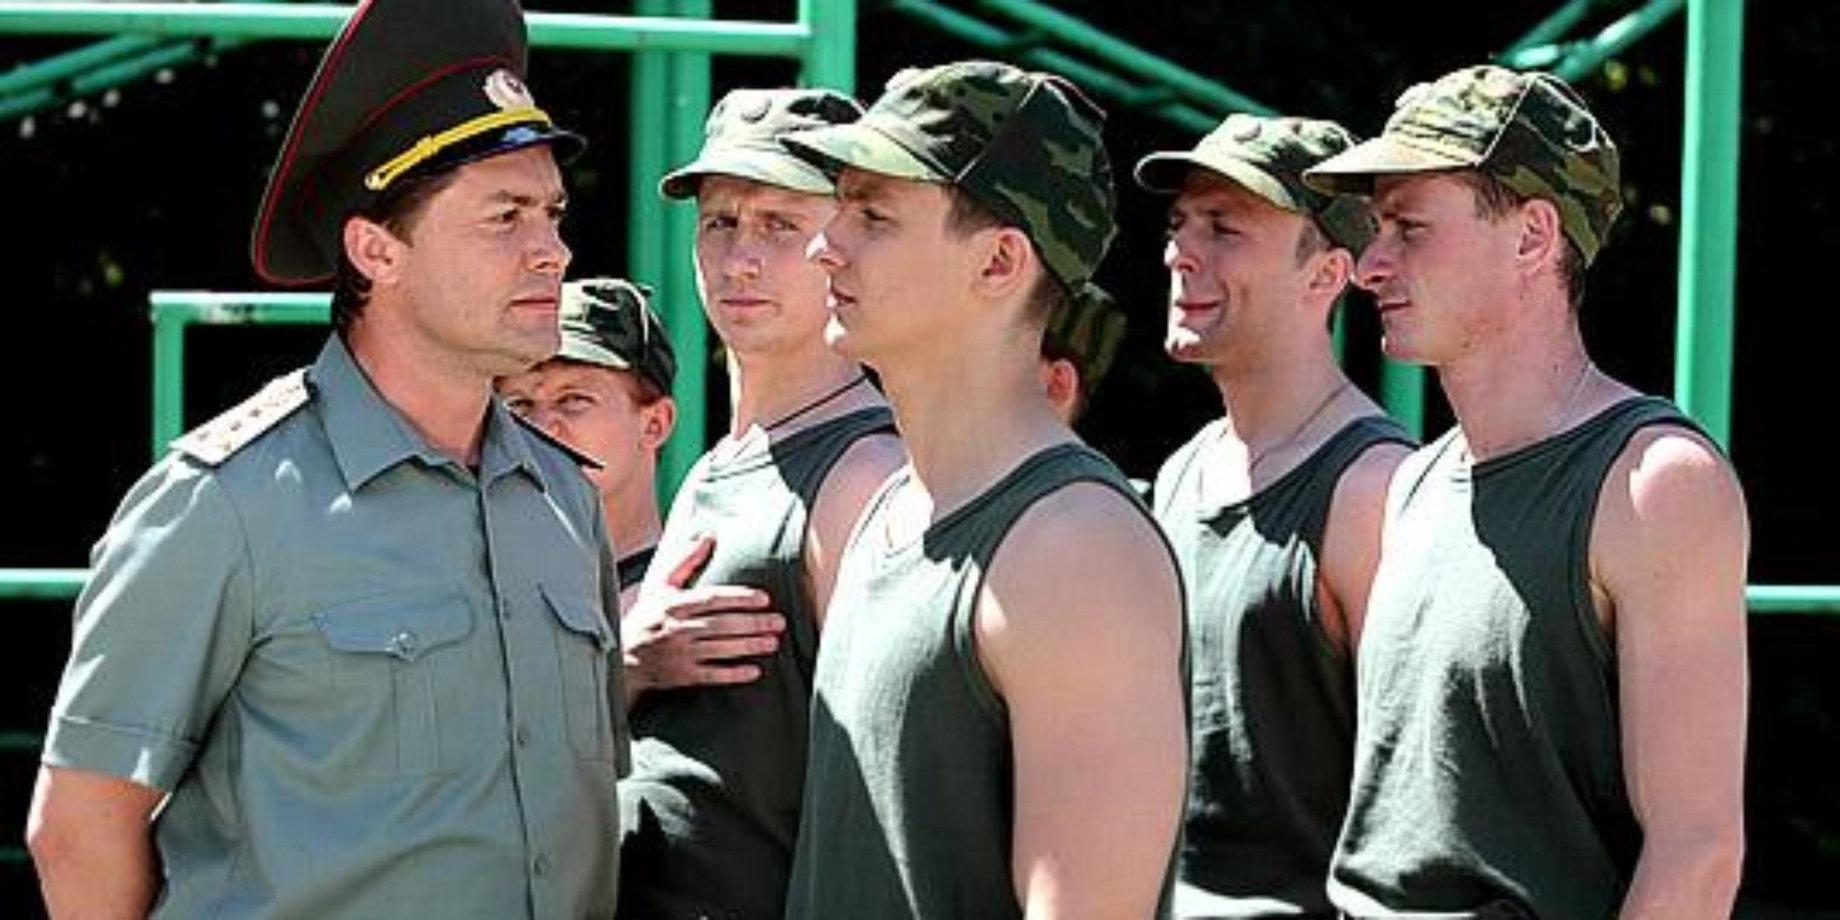 Солдаты смотреть онлайн 10 фотография